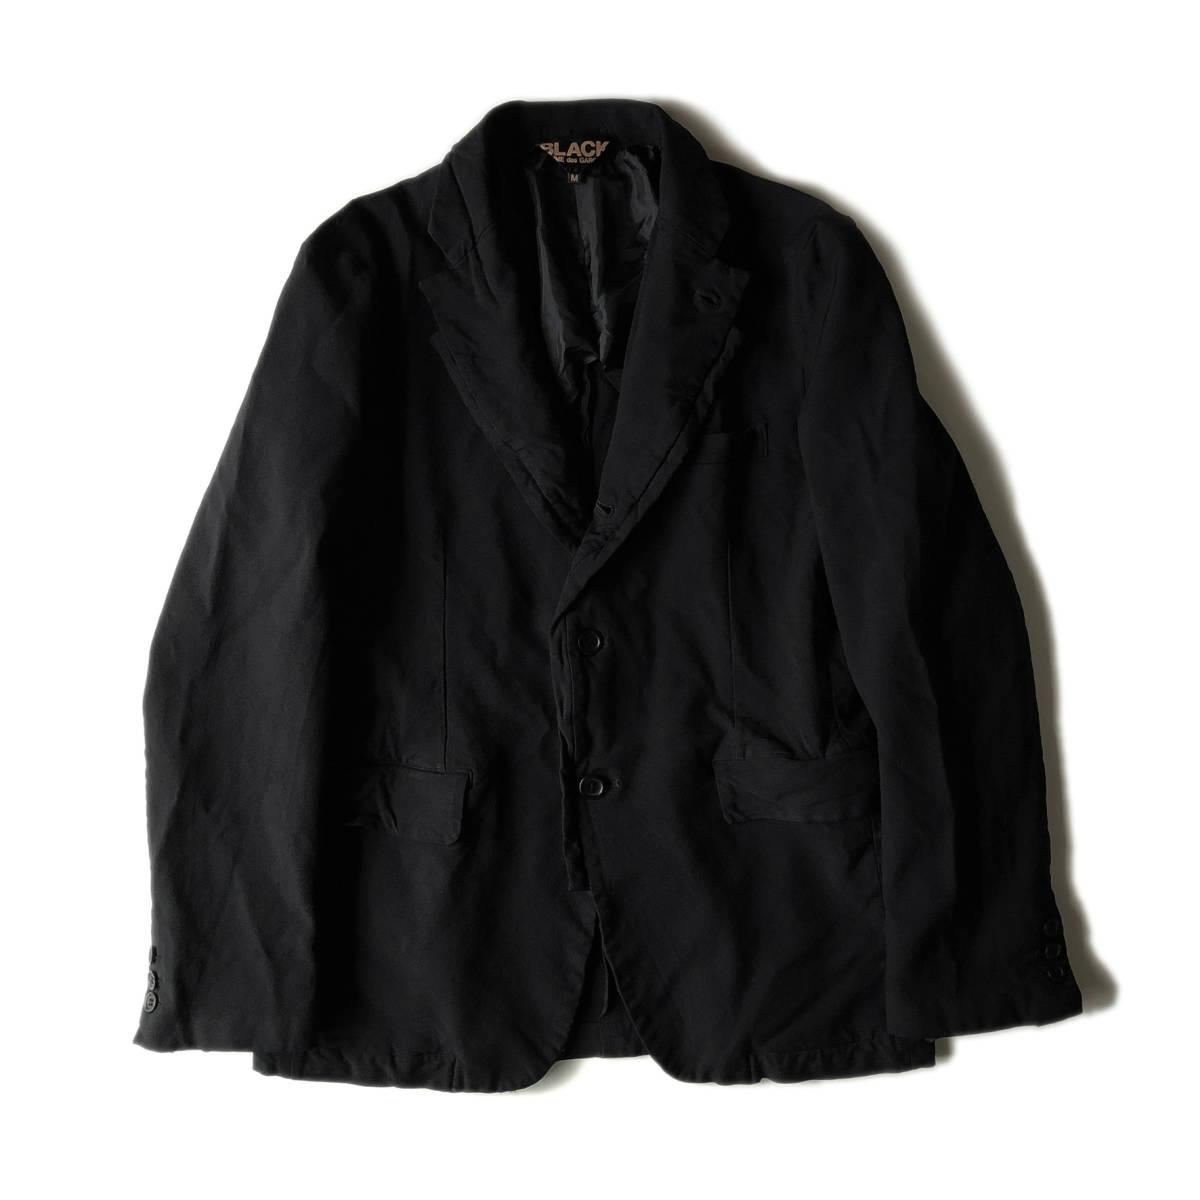 AD2009 BLACK COMME des GARCONS ブラックコムデギャルソン ポリ縮 ジャケット ブラック ポリエステル縮絨 黒 M ※セットアップPTも出品中